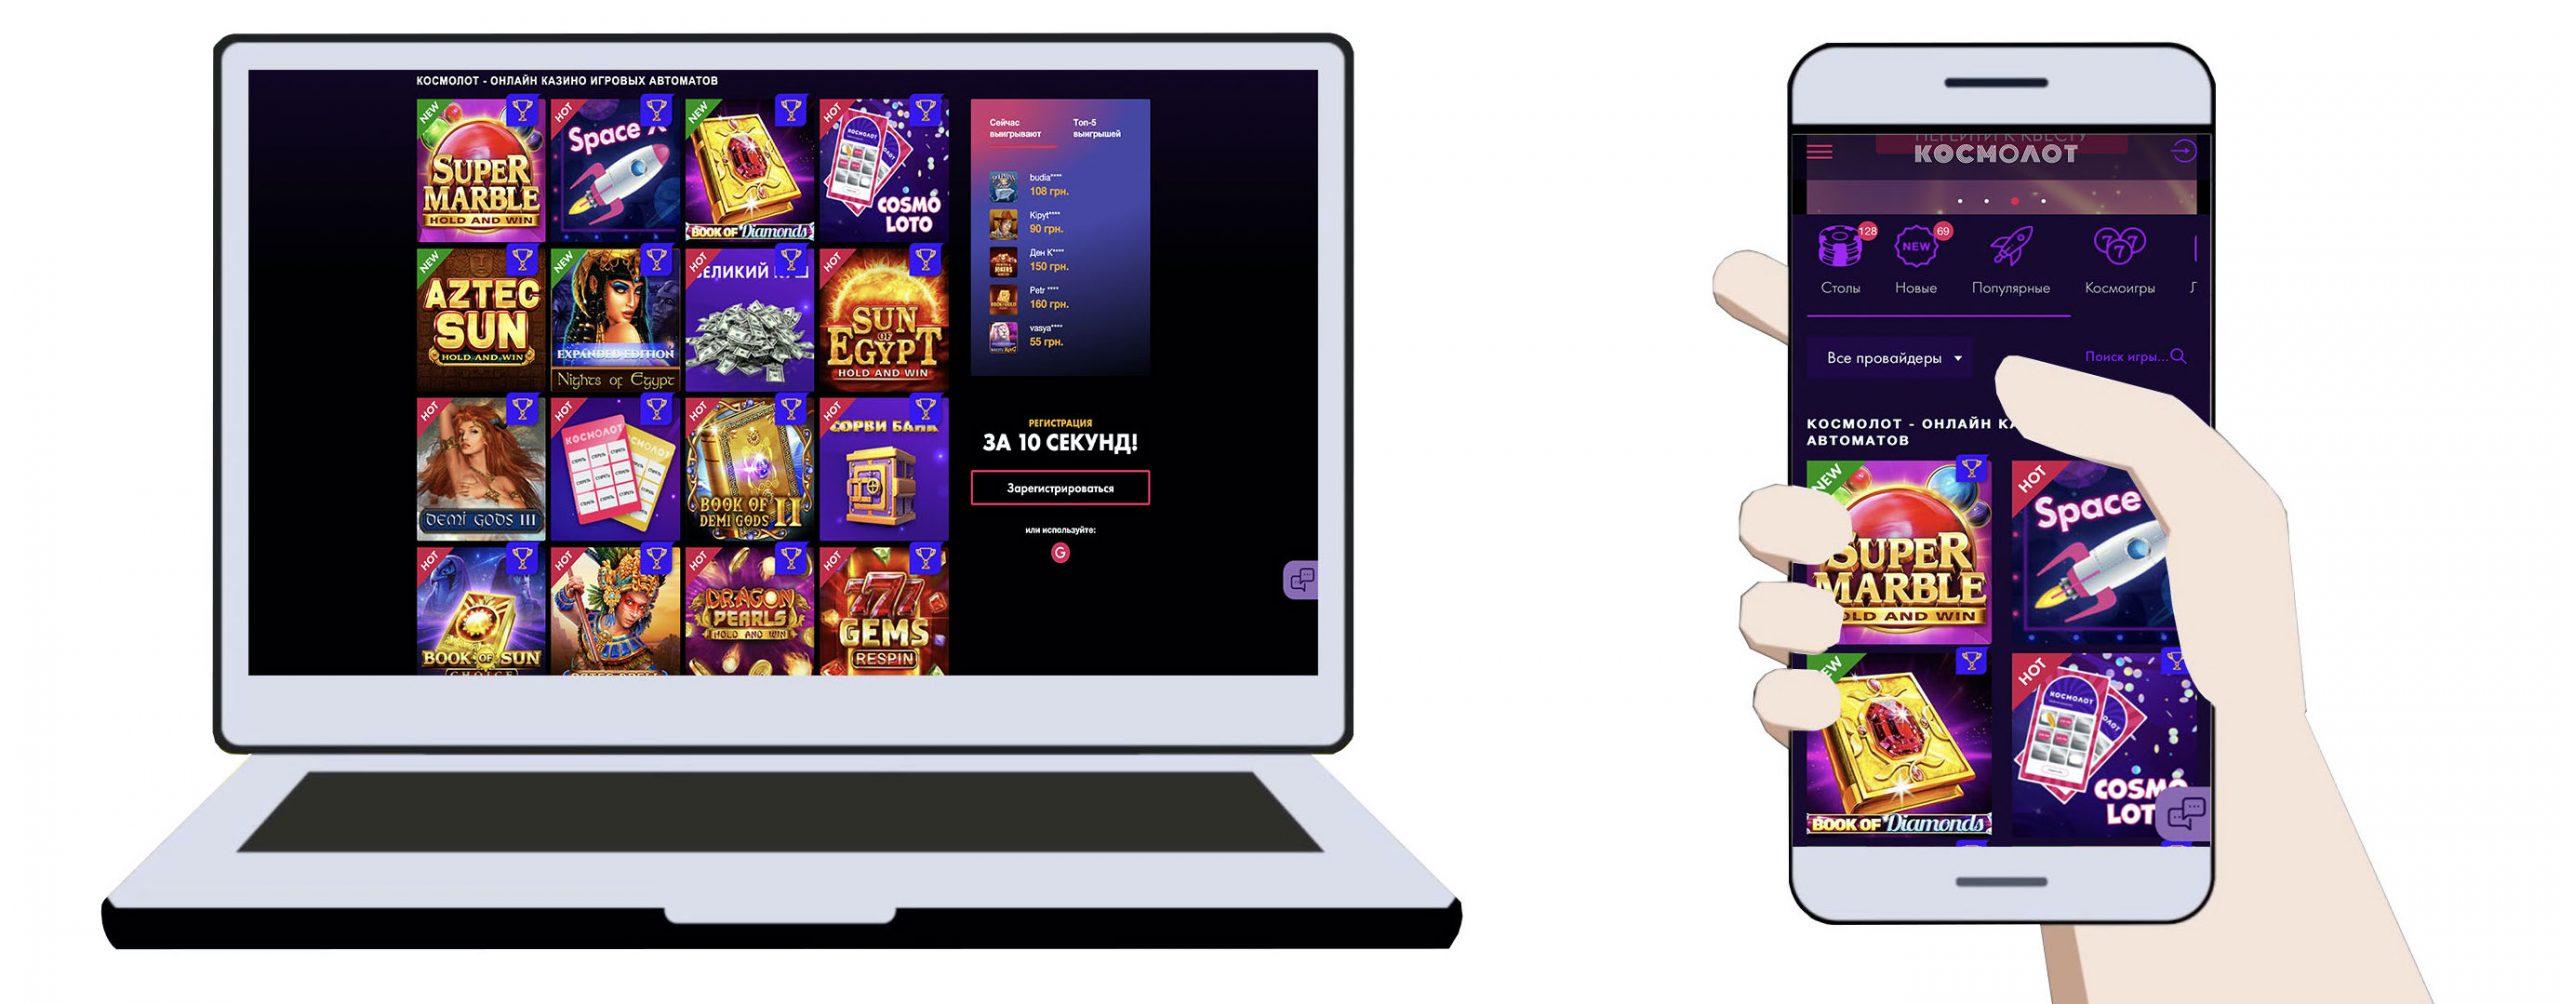 Игровые автоматы Космолот Казино